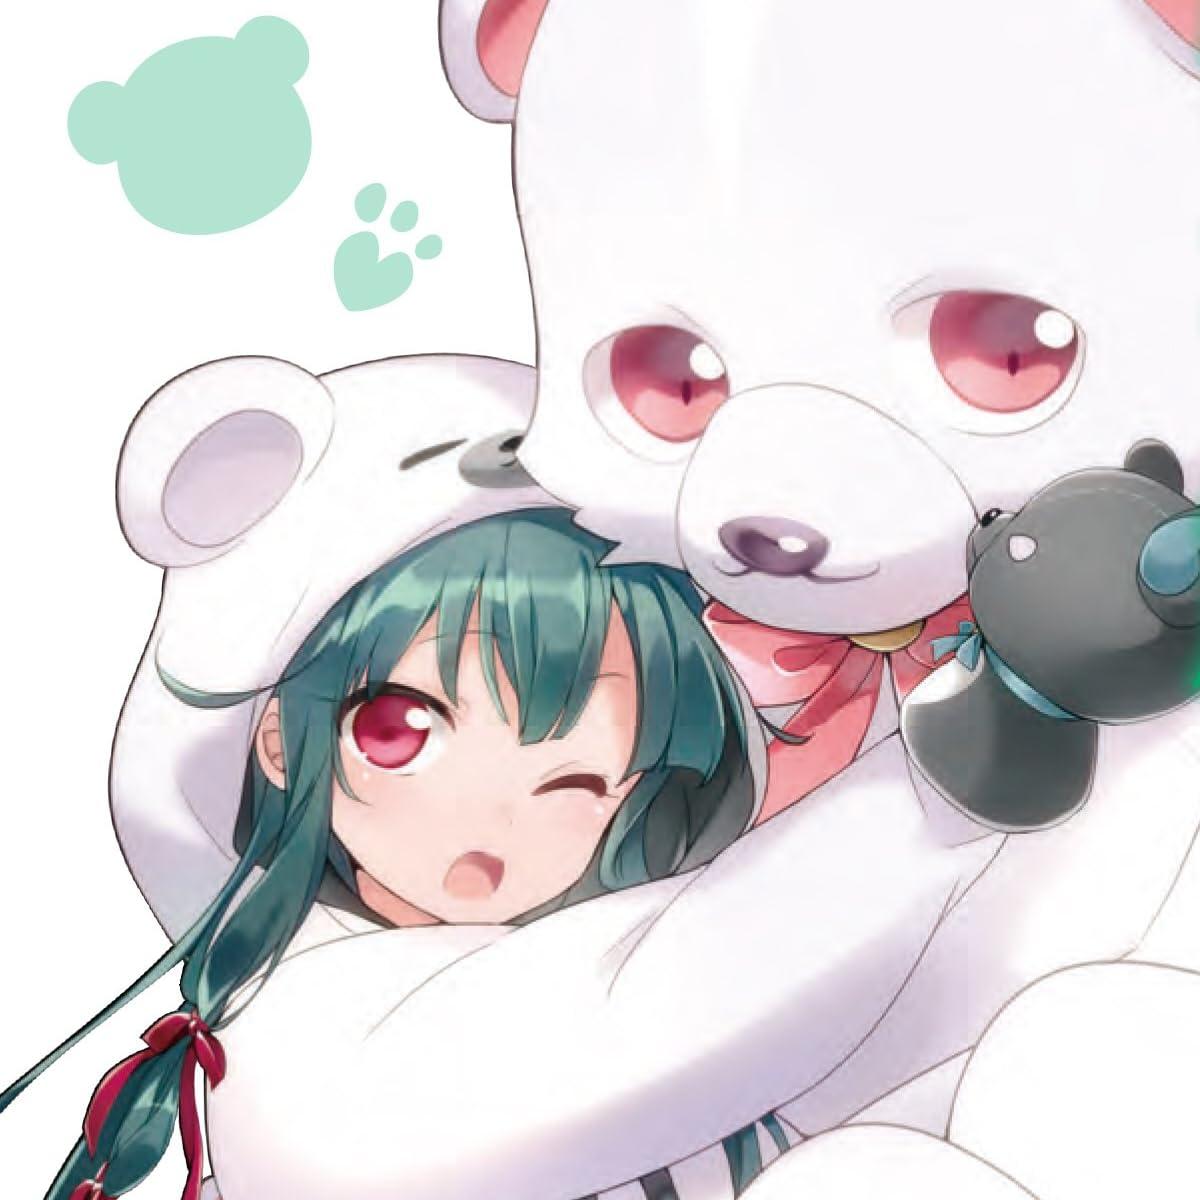 くまクマ熊ベアー Ipad壁紙 ユナ くまきゅう アニメ スマホ用画像150744